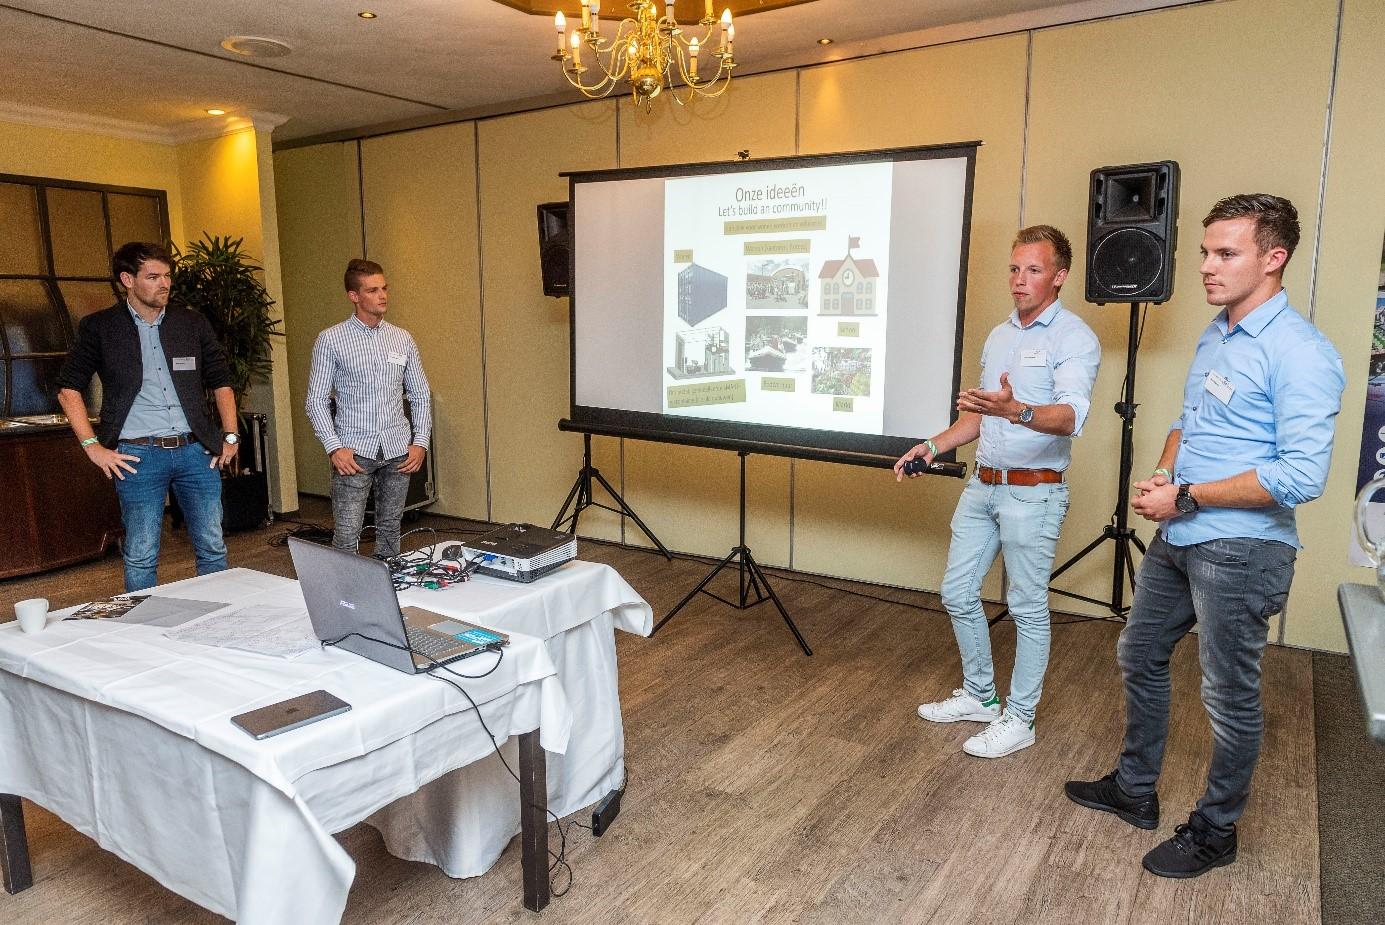 De BIM Studenten groep genaamd BIM Street Boys tijdens het presenteren van hun ideeën.